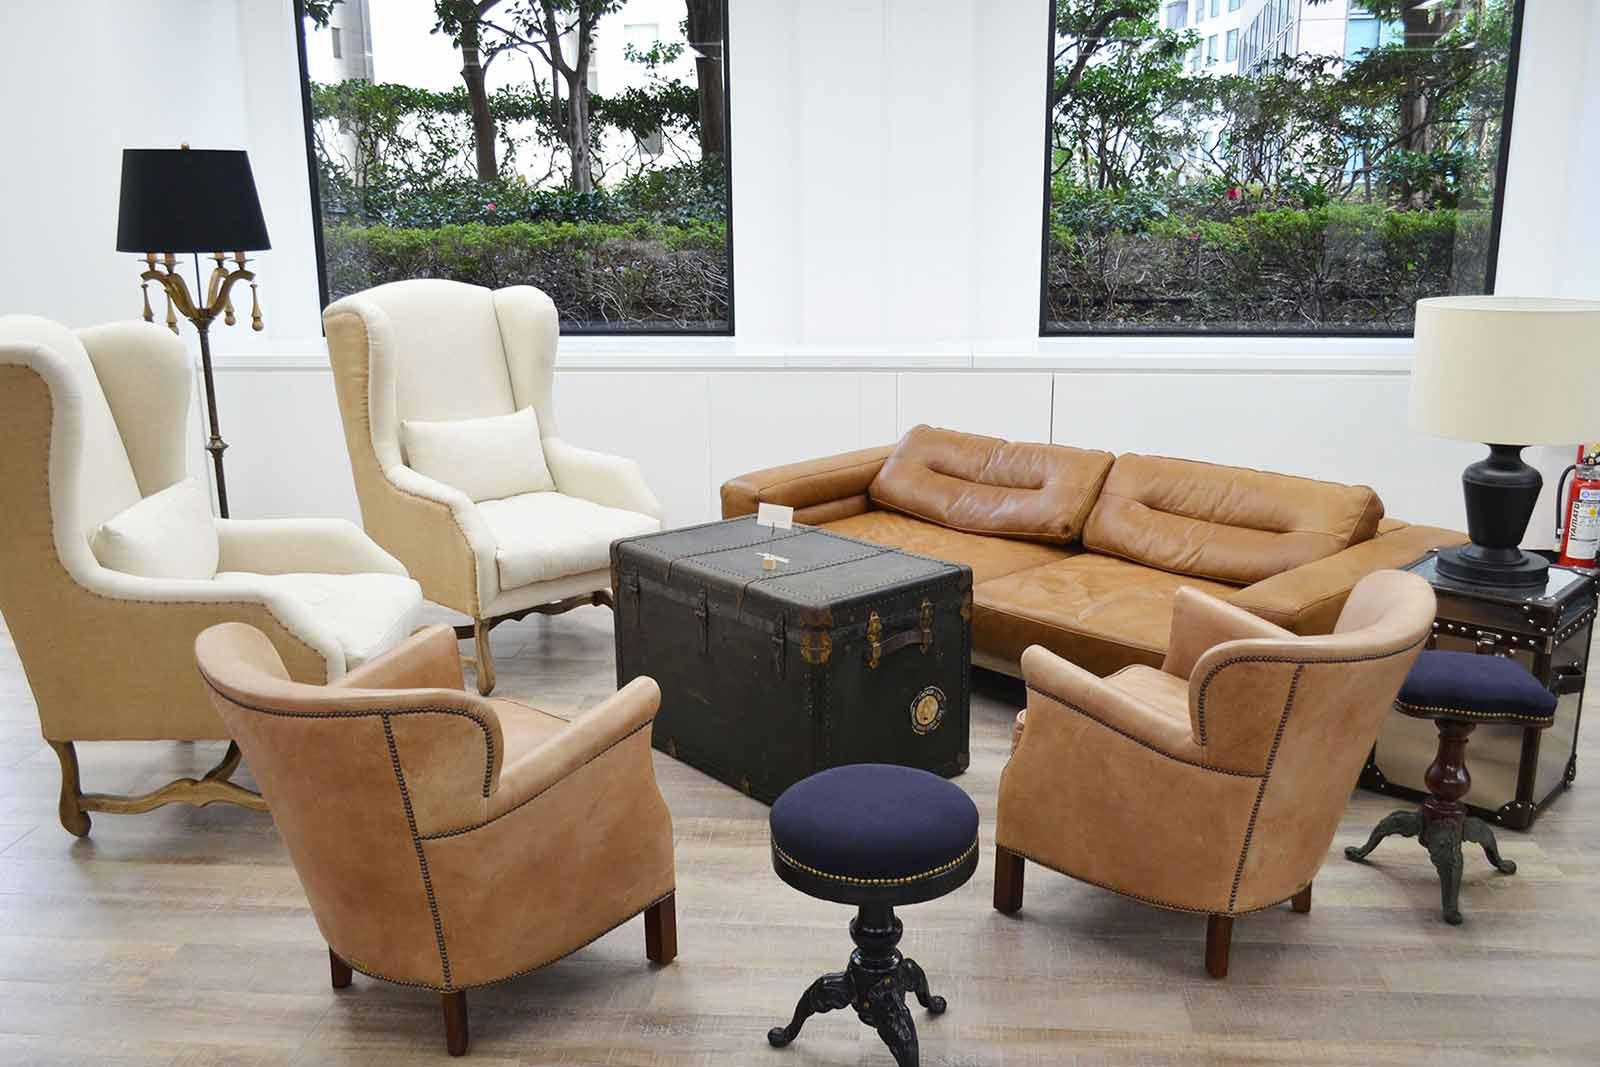 虎ノ門・神谷町オフィス|リーズナブルな価格と快適性を両立したレンタルオフィス